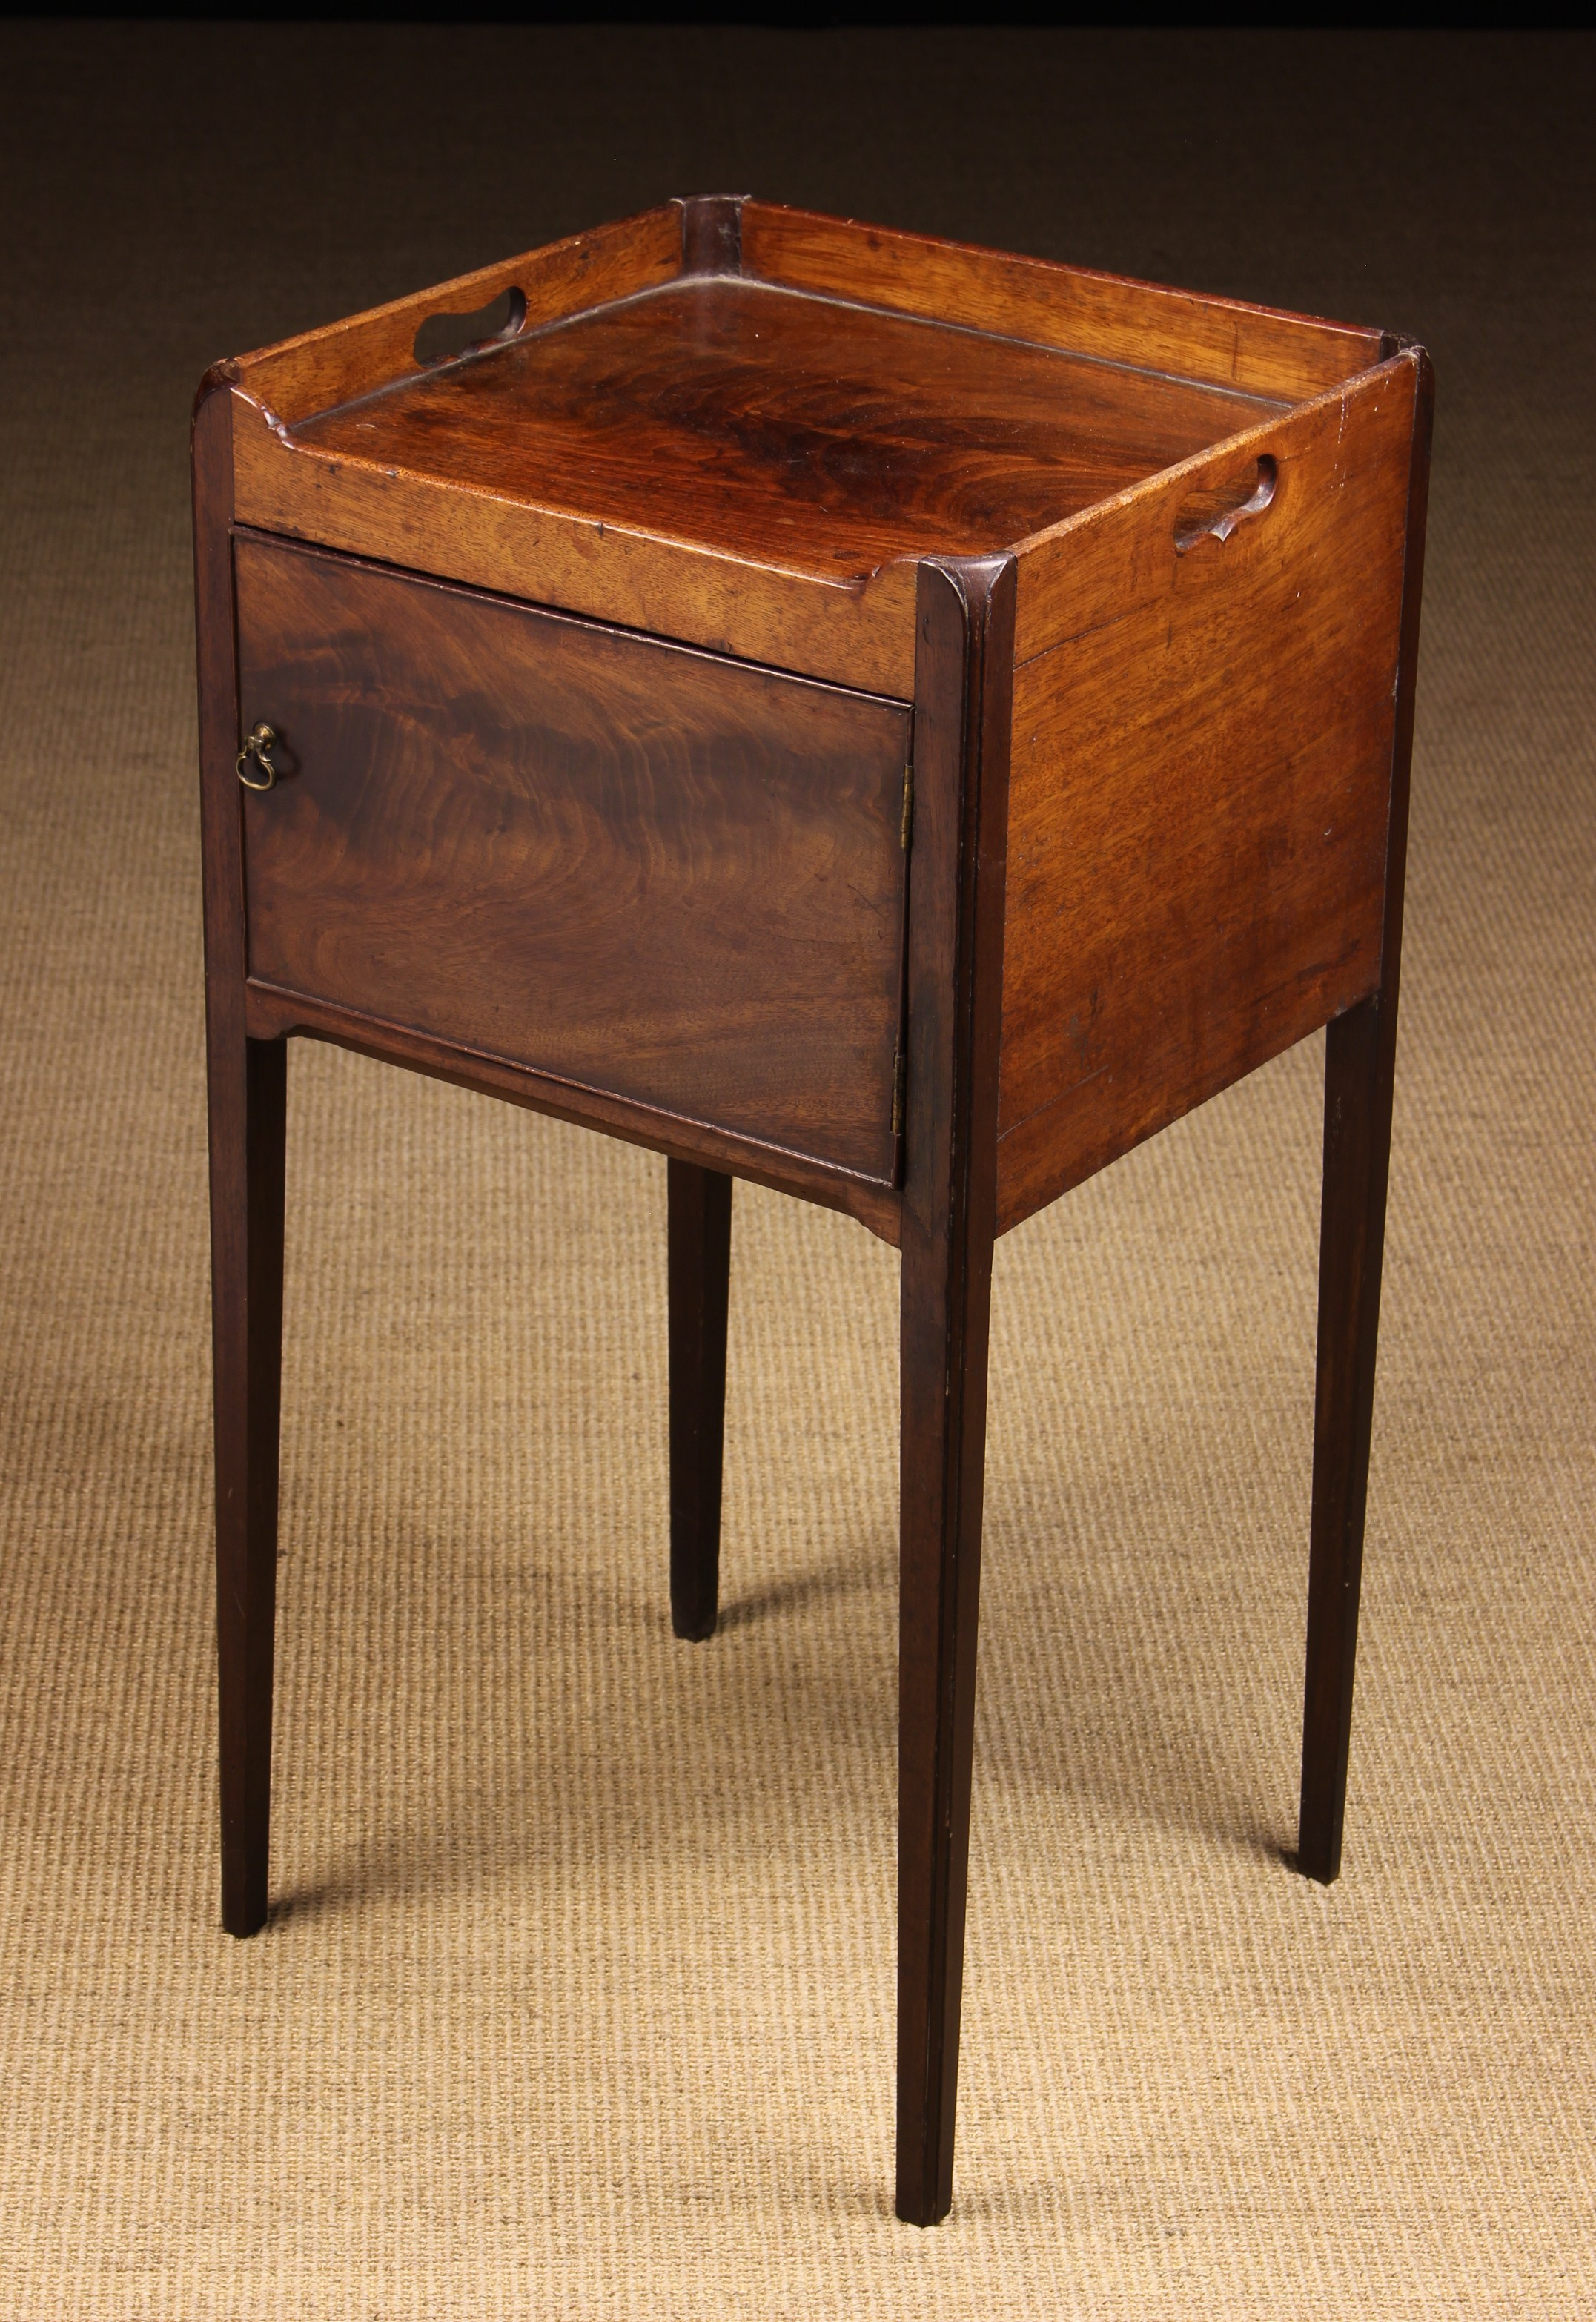 A Sheraton Period Mahogany Tray-topped Bedside Cabinet,